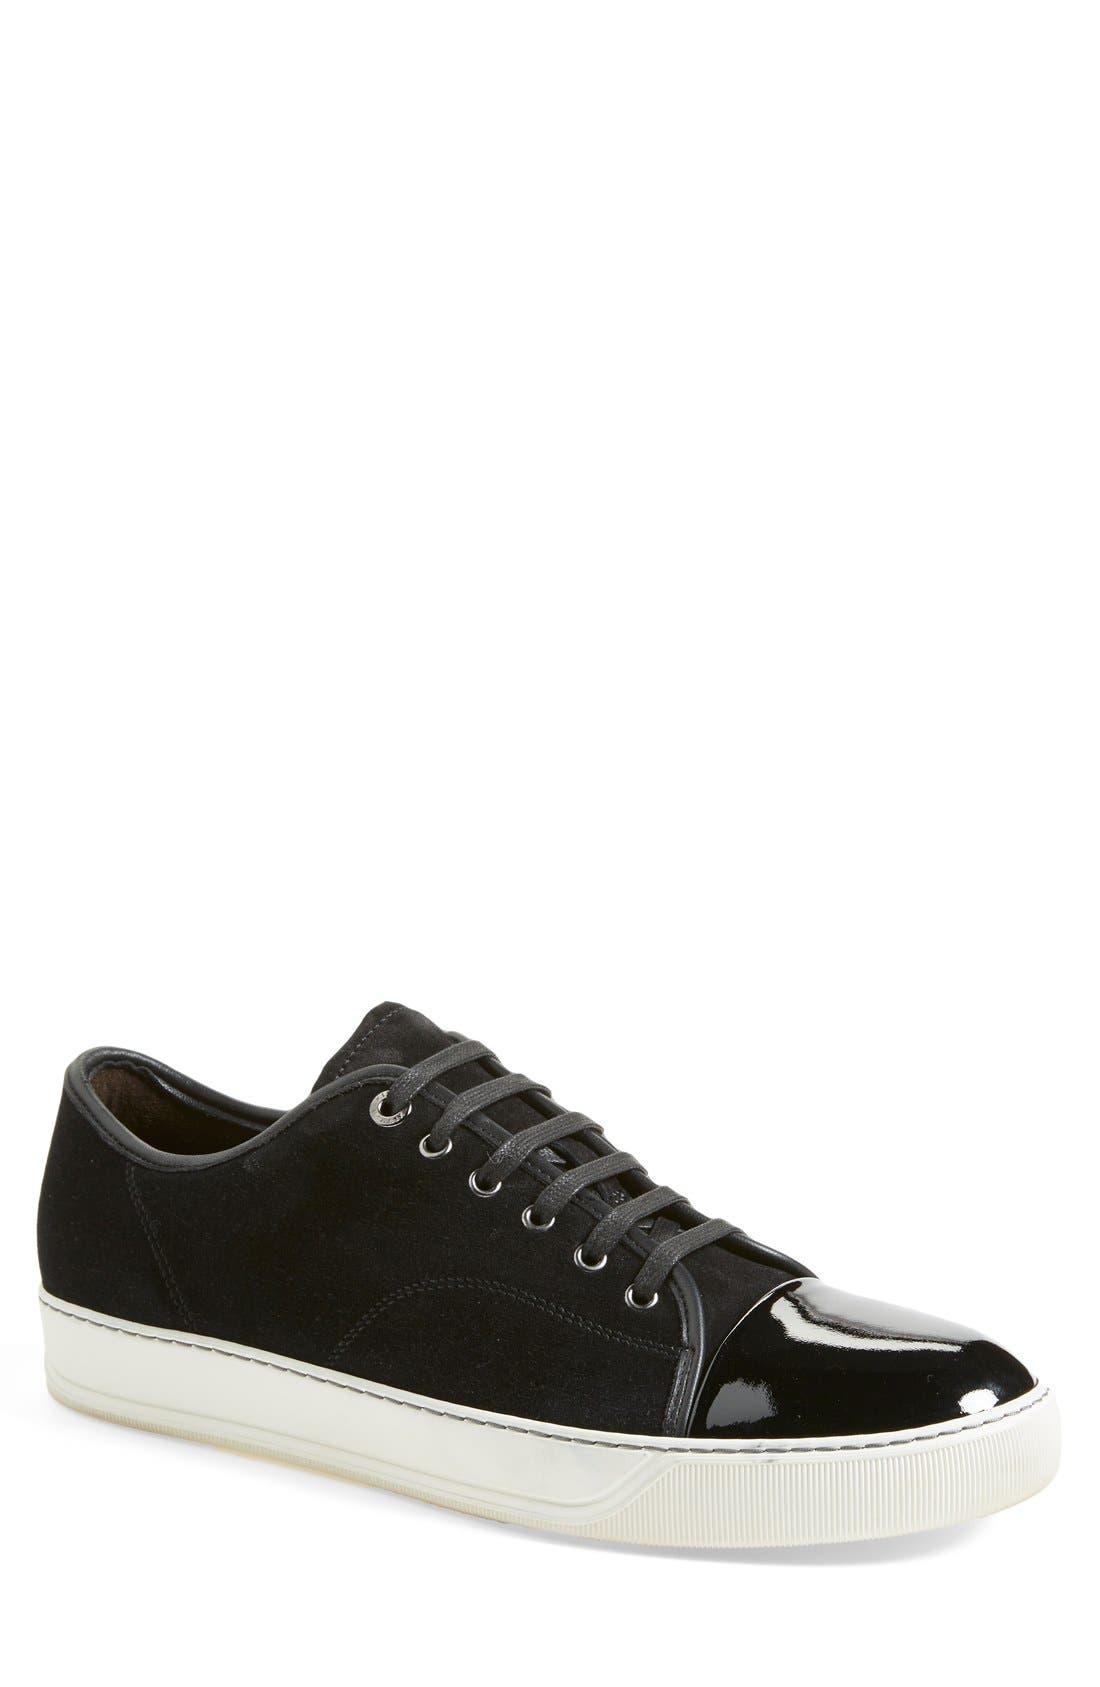 LANVIN,                             Low Top Suede Sneaker,                             Main thumbnail 1, color,                             BLACK